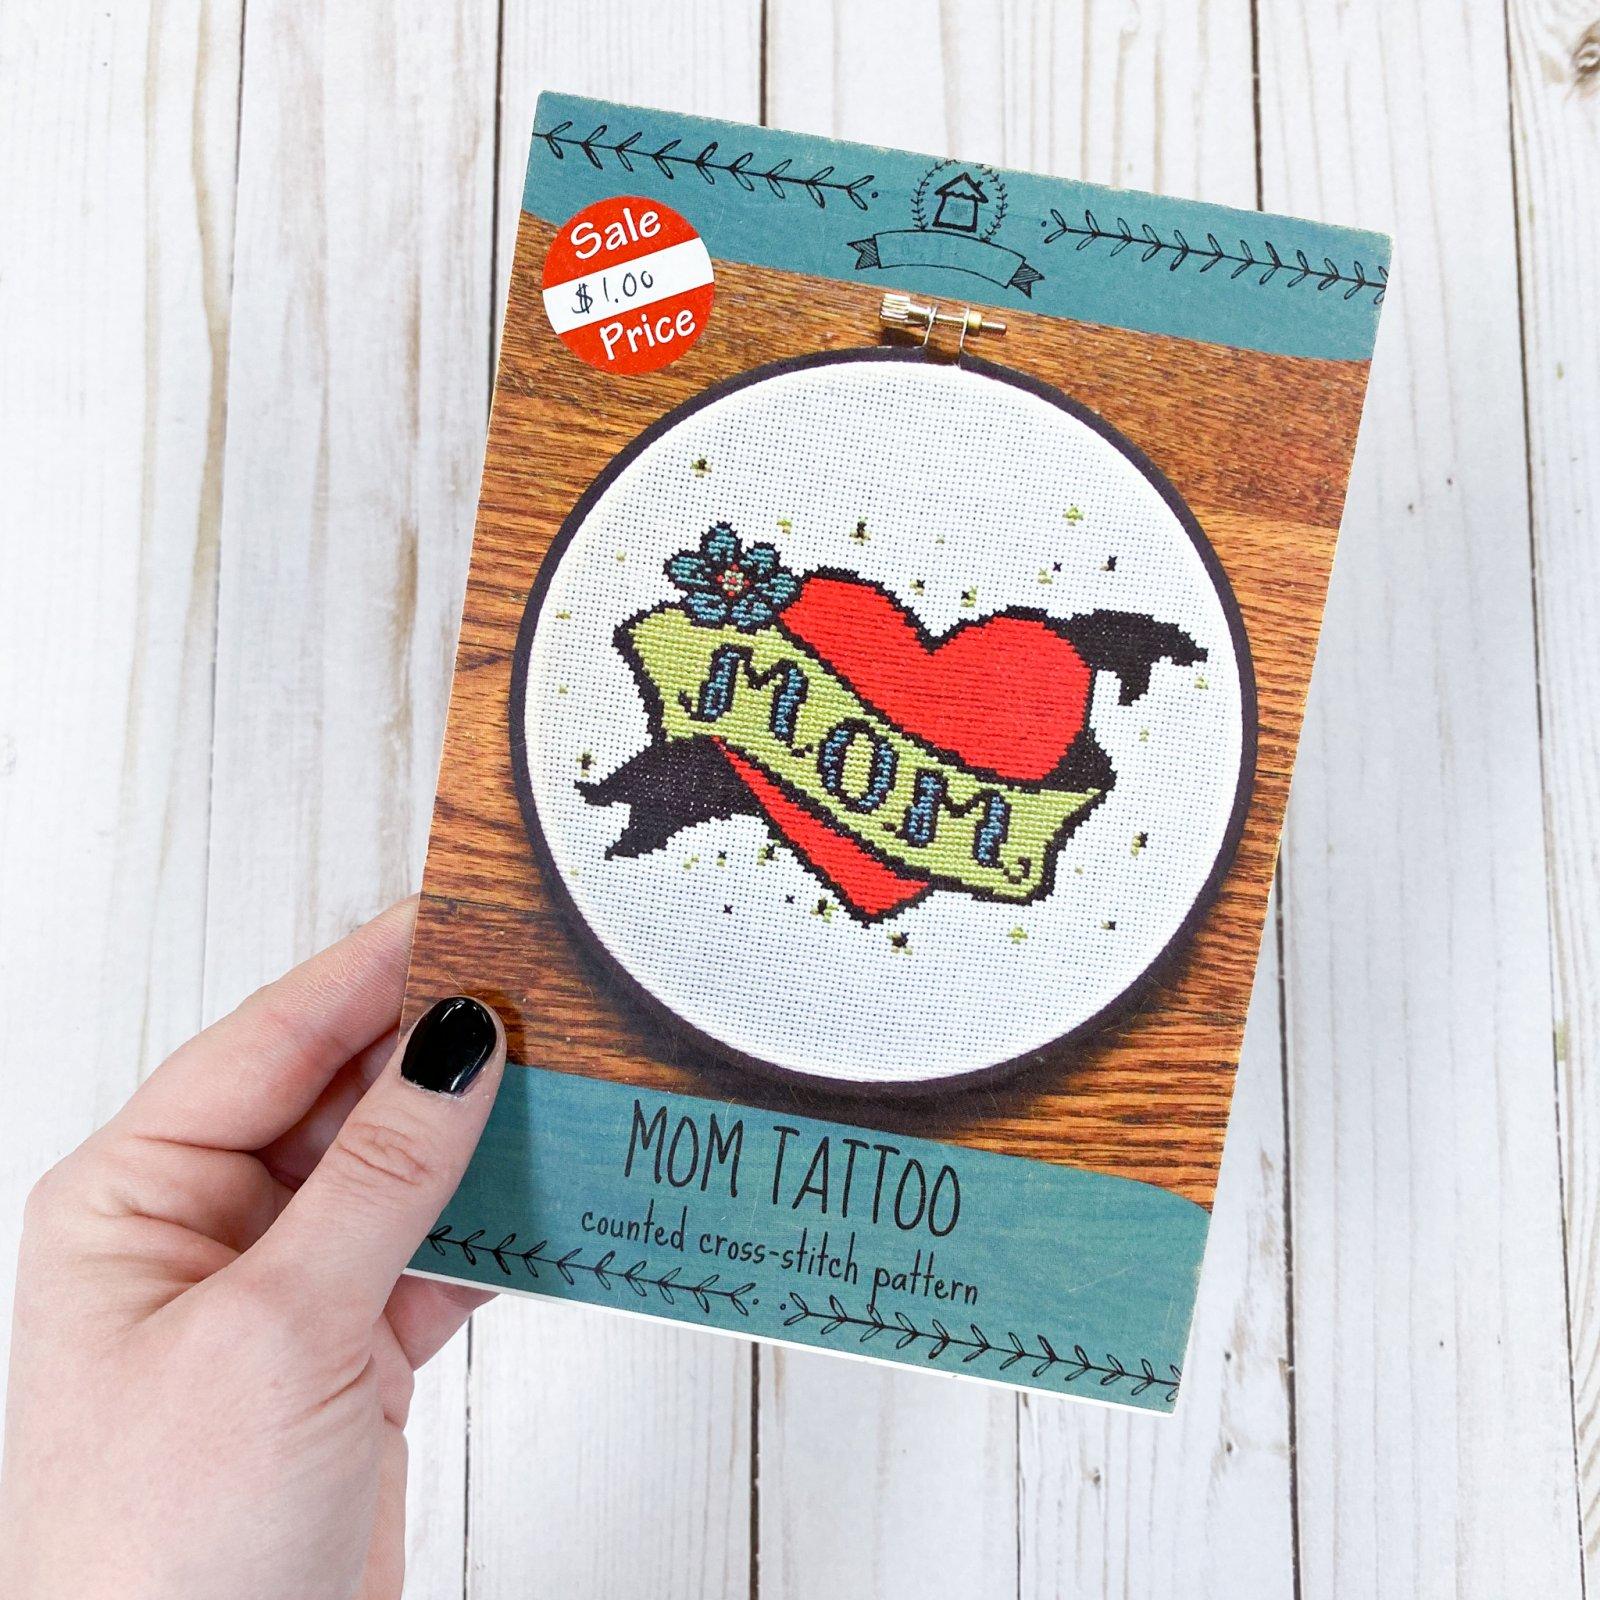 Mom Tattoo Cross-Stitch Pattern Card